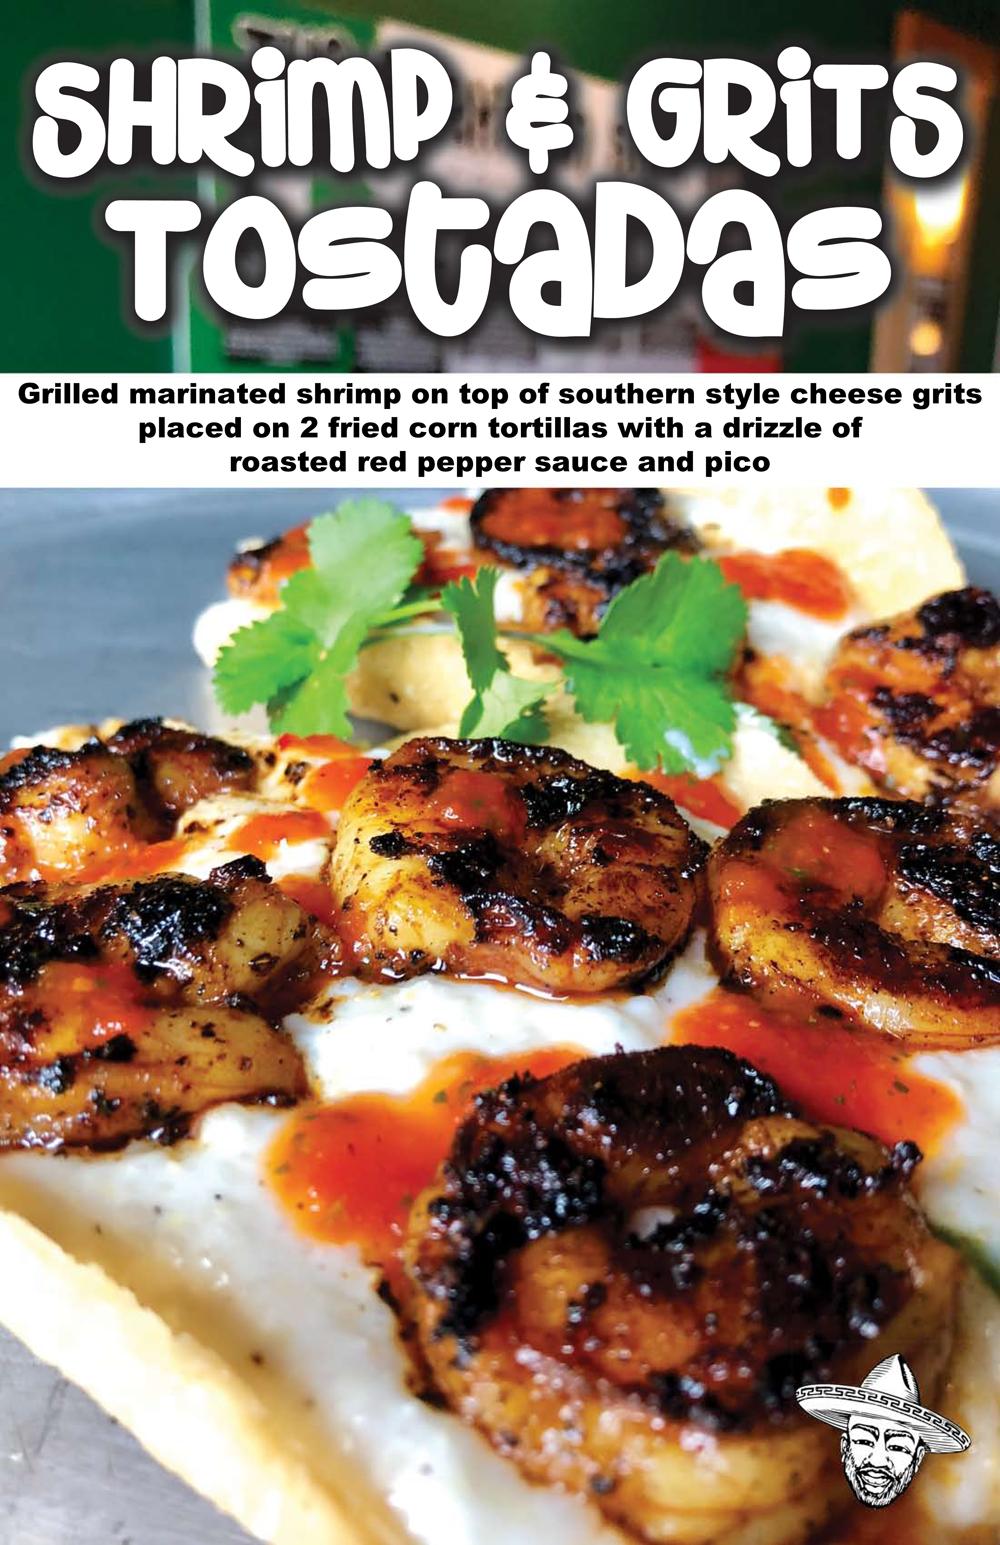 Shrimp-and-Grits-tostadas